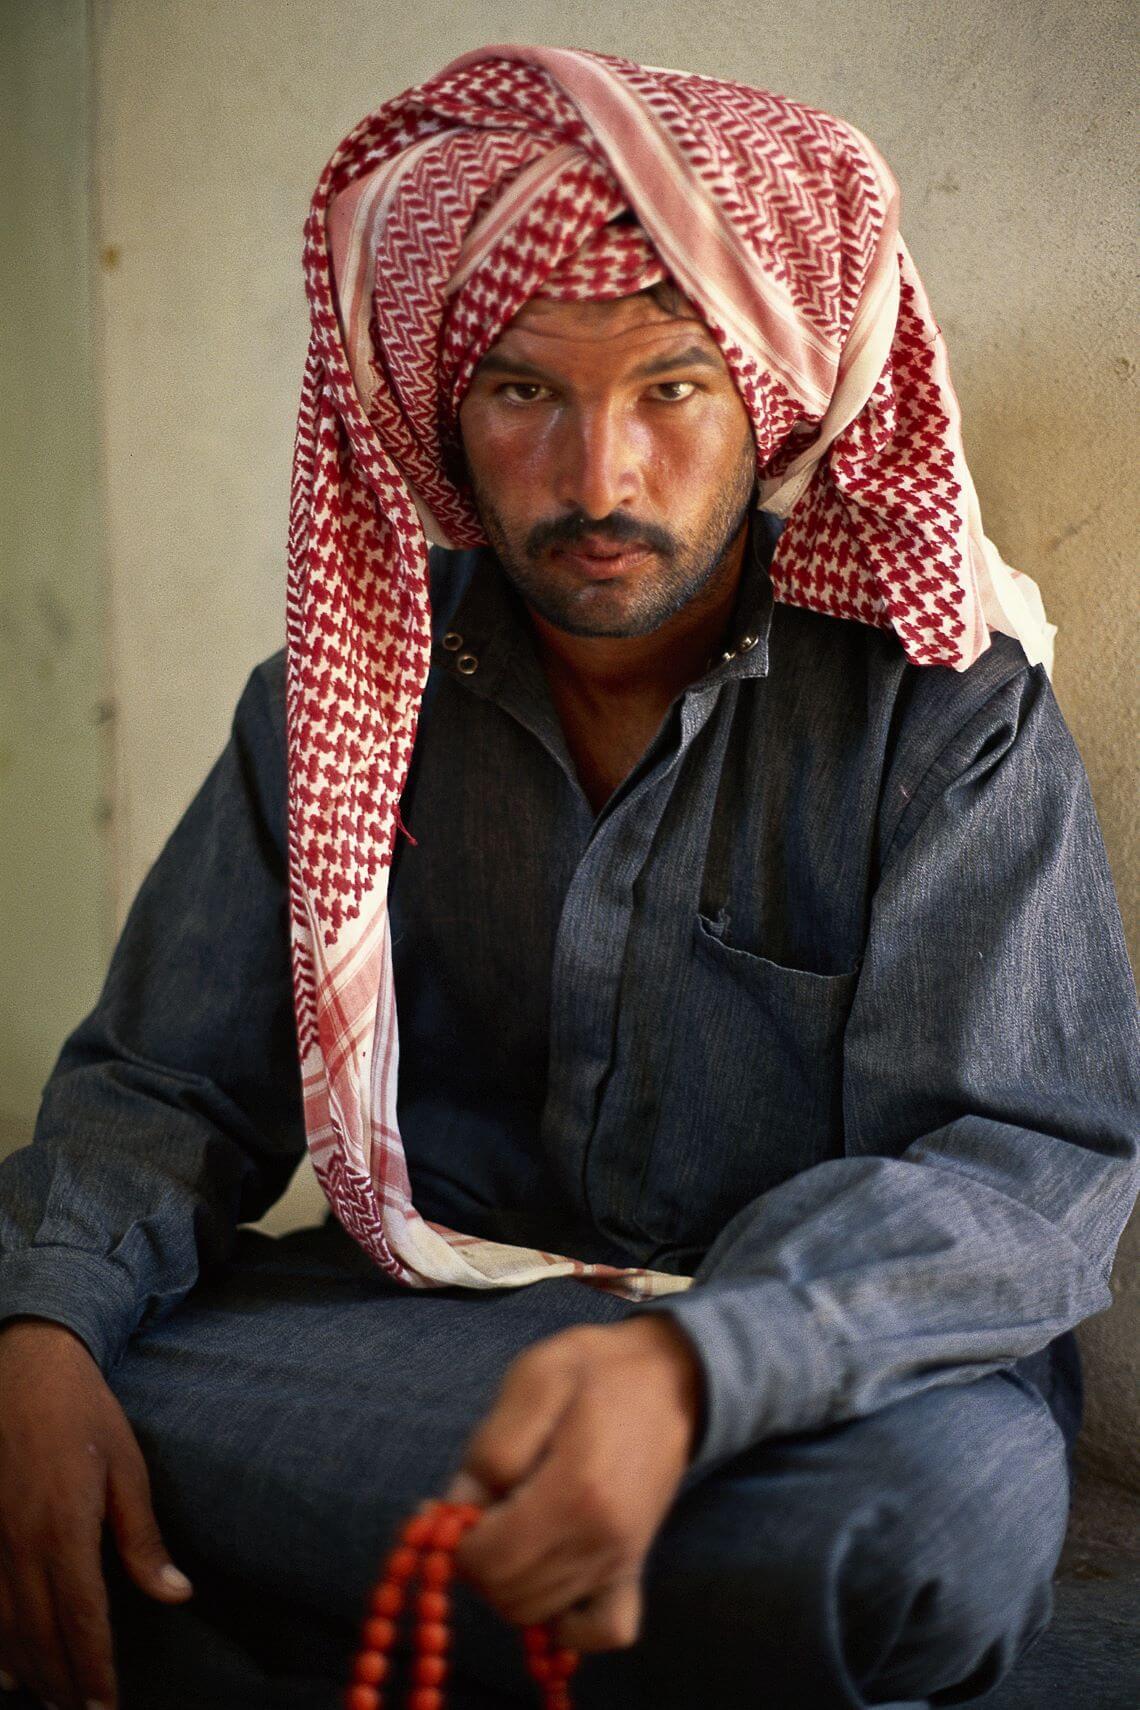 Homme syrien au turban et au chapelet